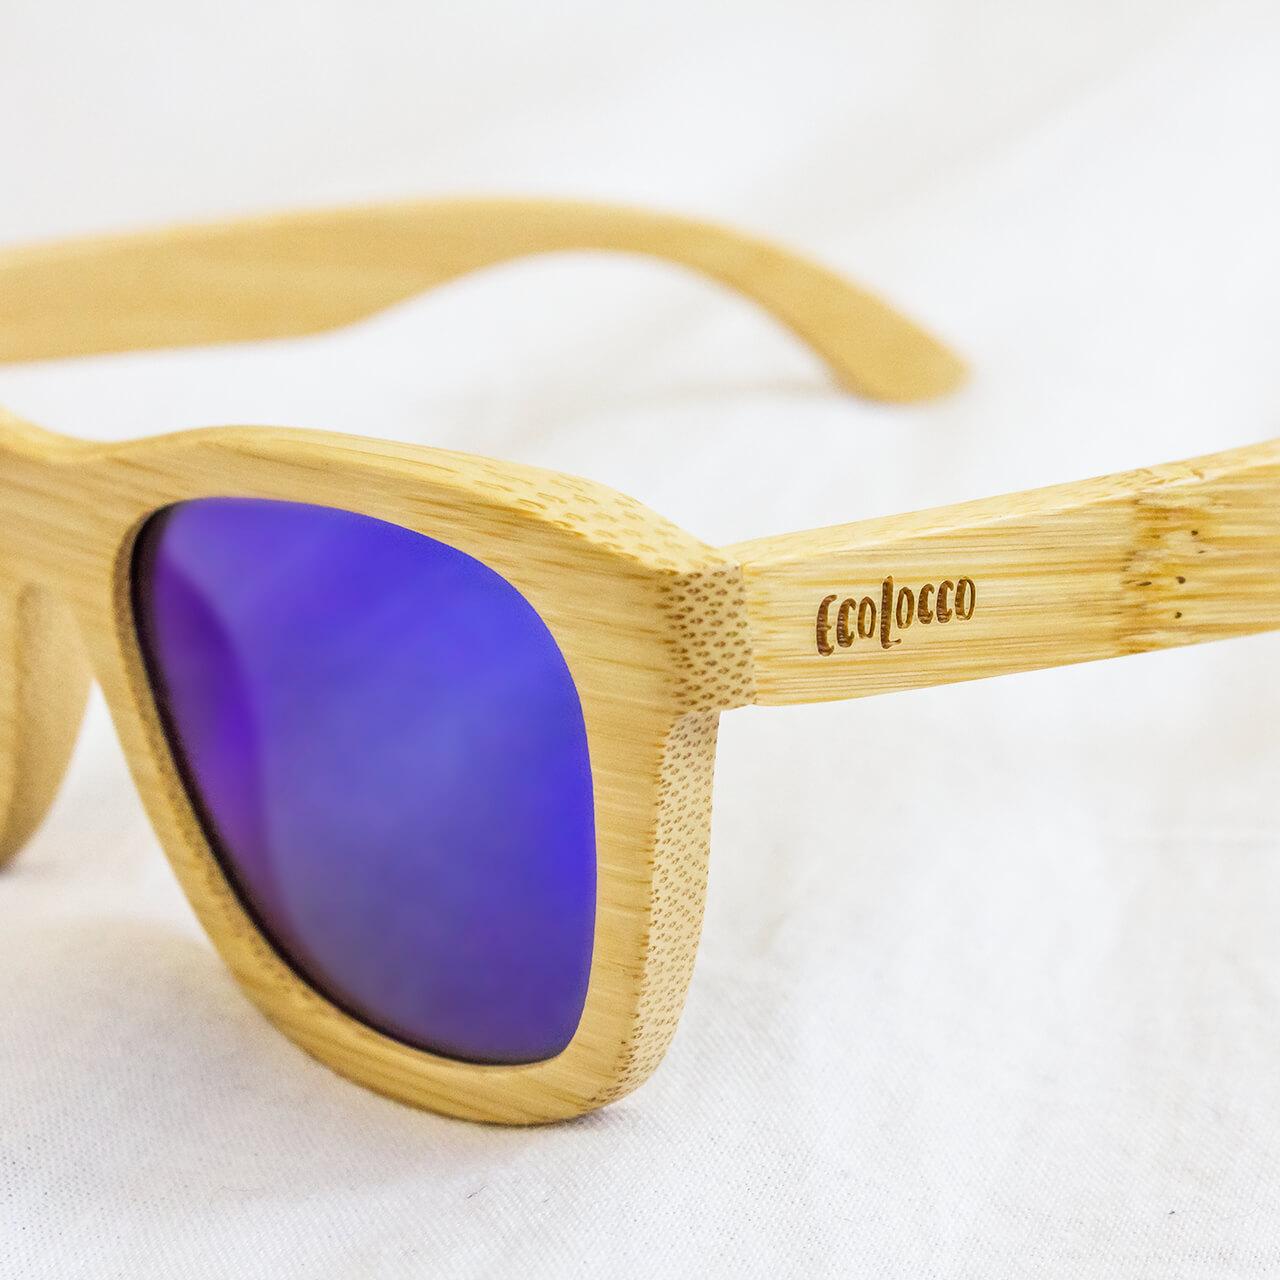 b0ebf56c3 Bambusové slnečné okuliare s polarizačnými sklami